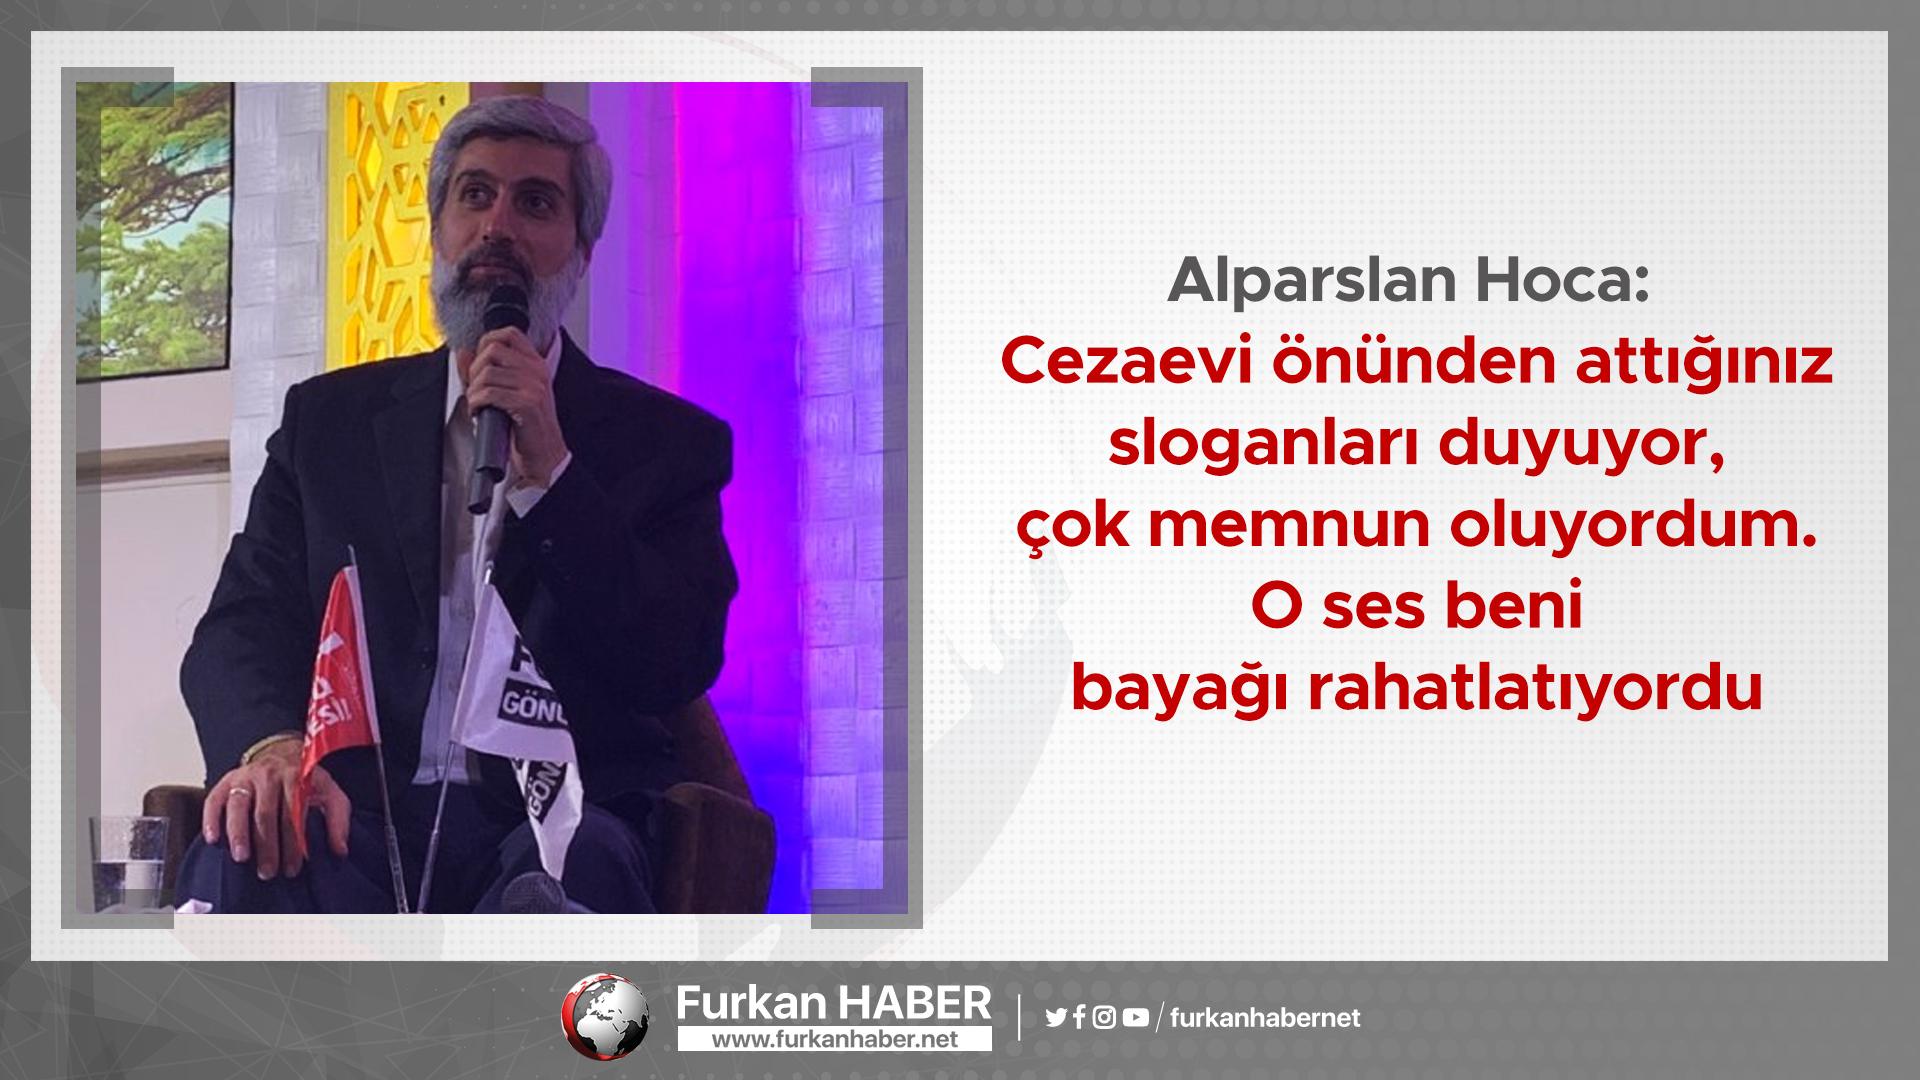 Alparslan Hoca: Cezaevi önünden attığınız sloganları duyuyor, çok memnun oluyordum